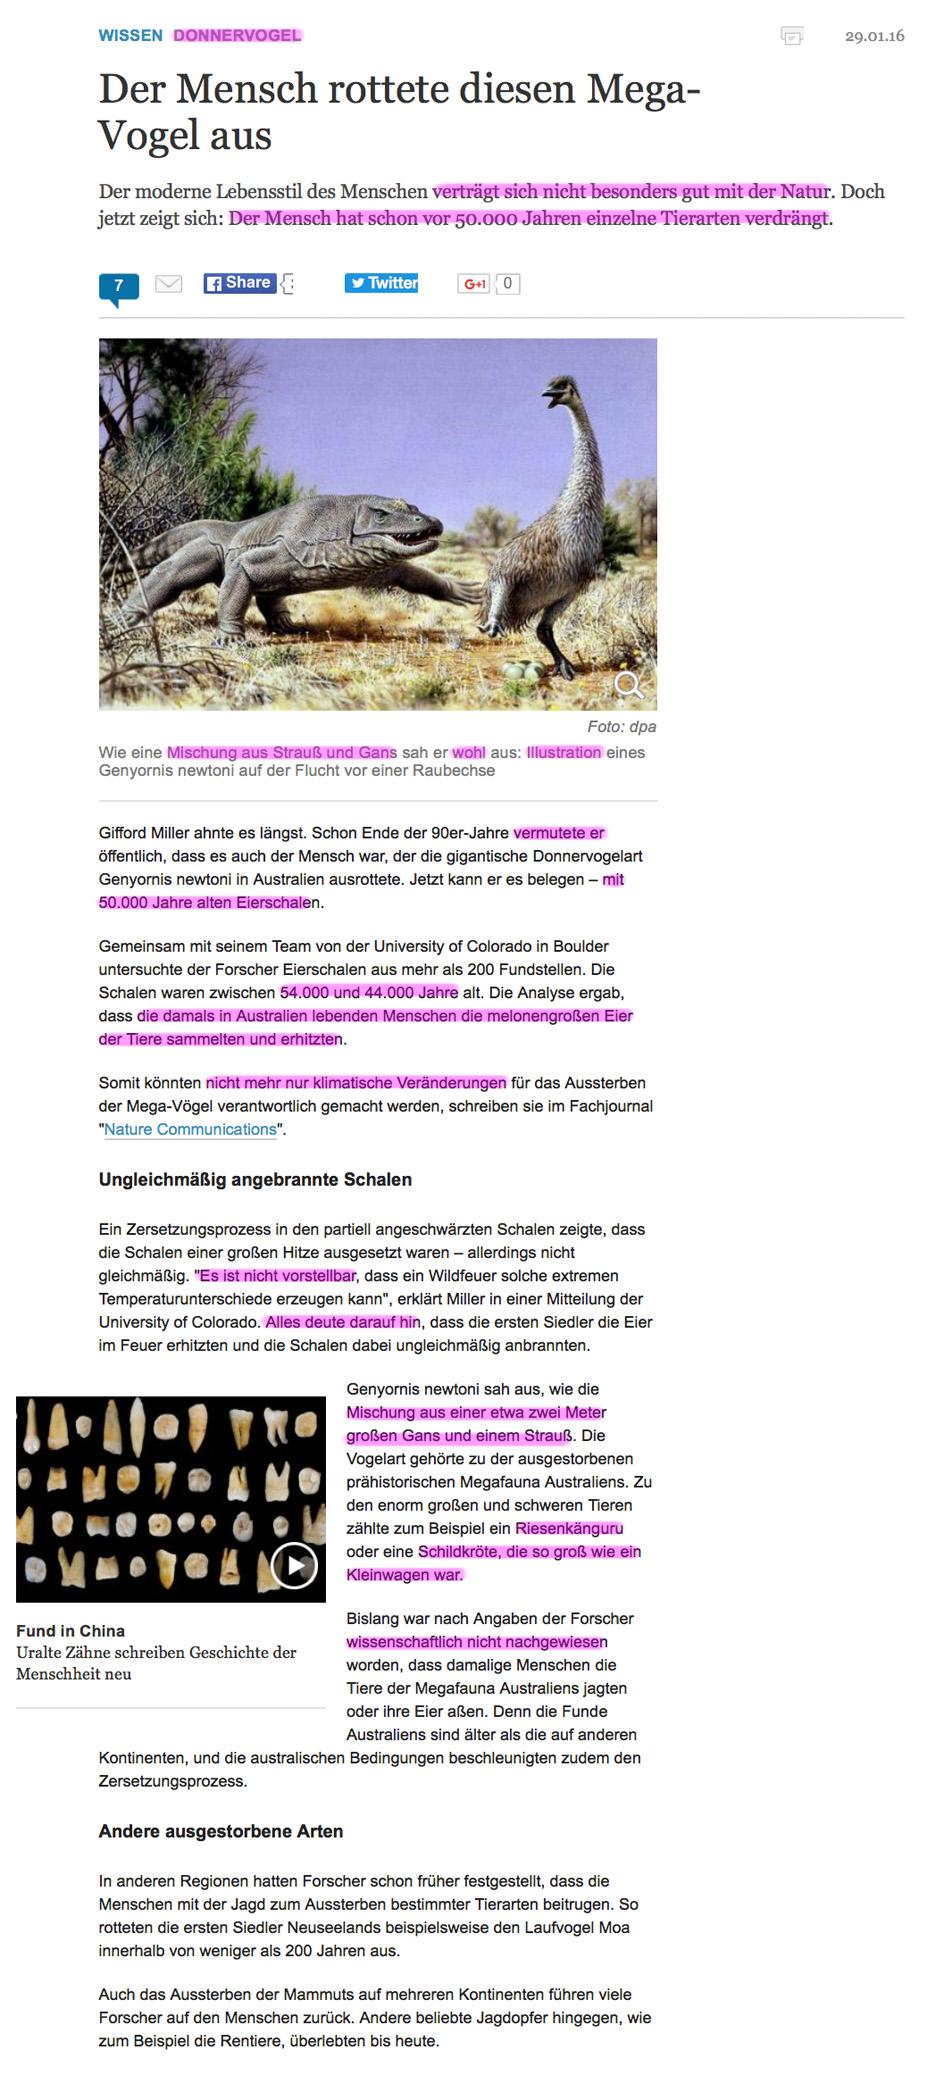 Ausgestorben oder ausgedacht? Tiere die es nicht (mehr) gibt! Donnervogel